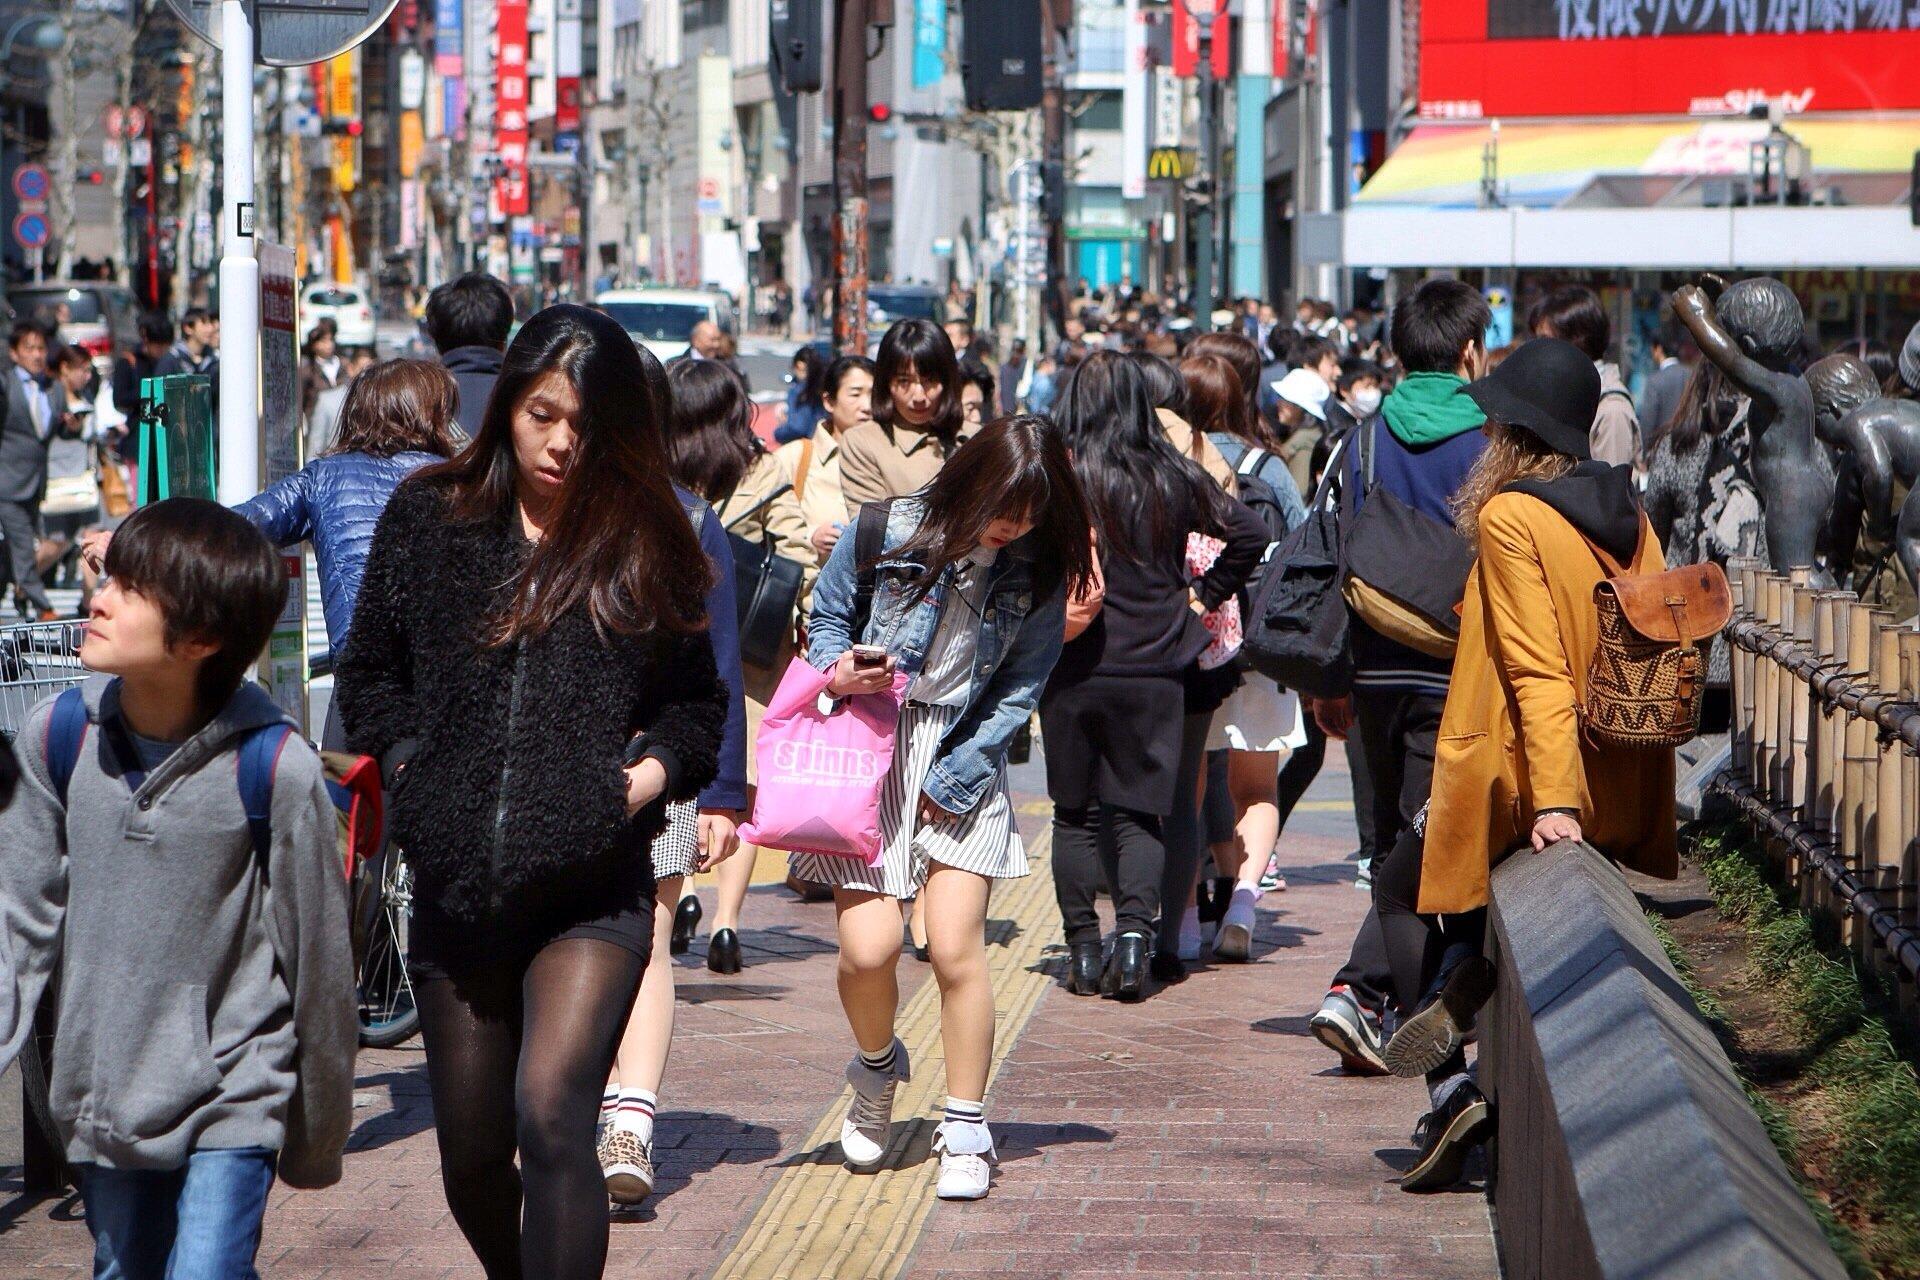 shibuya-cecilia-sitting-waiting-people-watching-kasuma-photography-blog